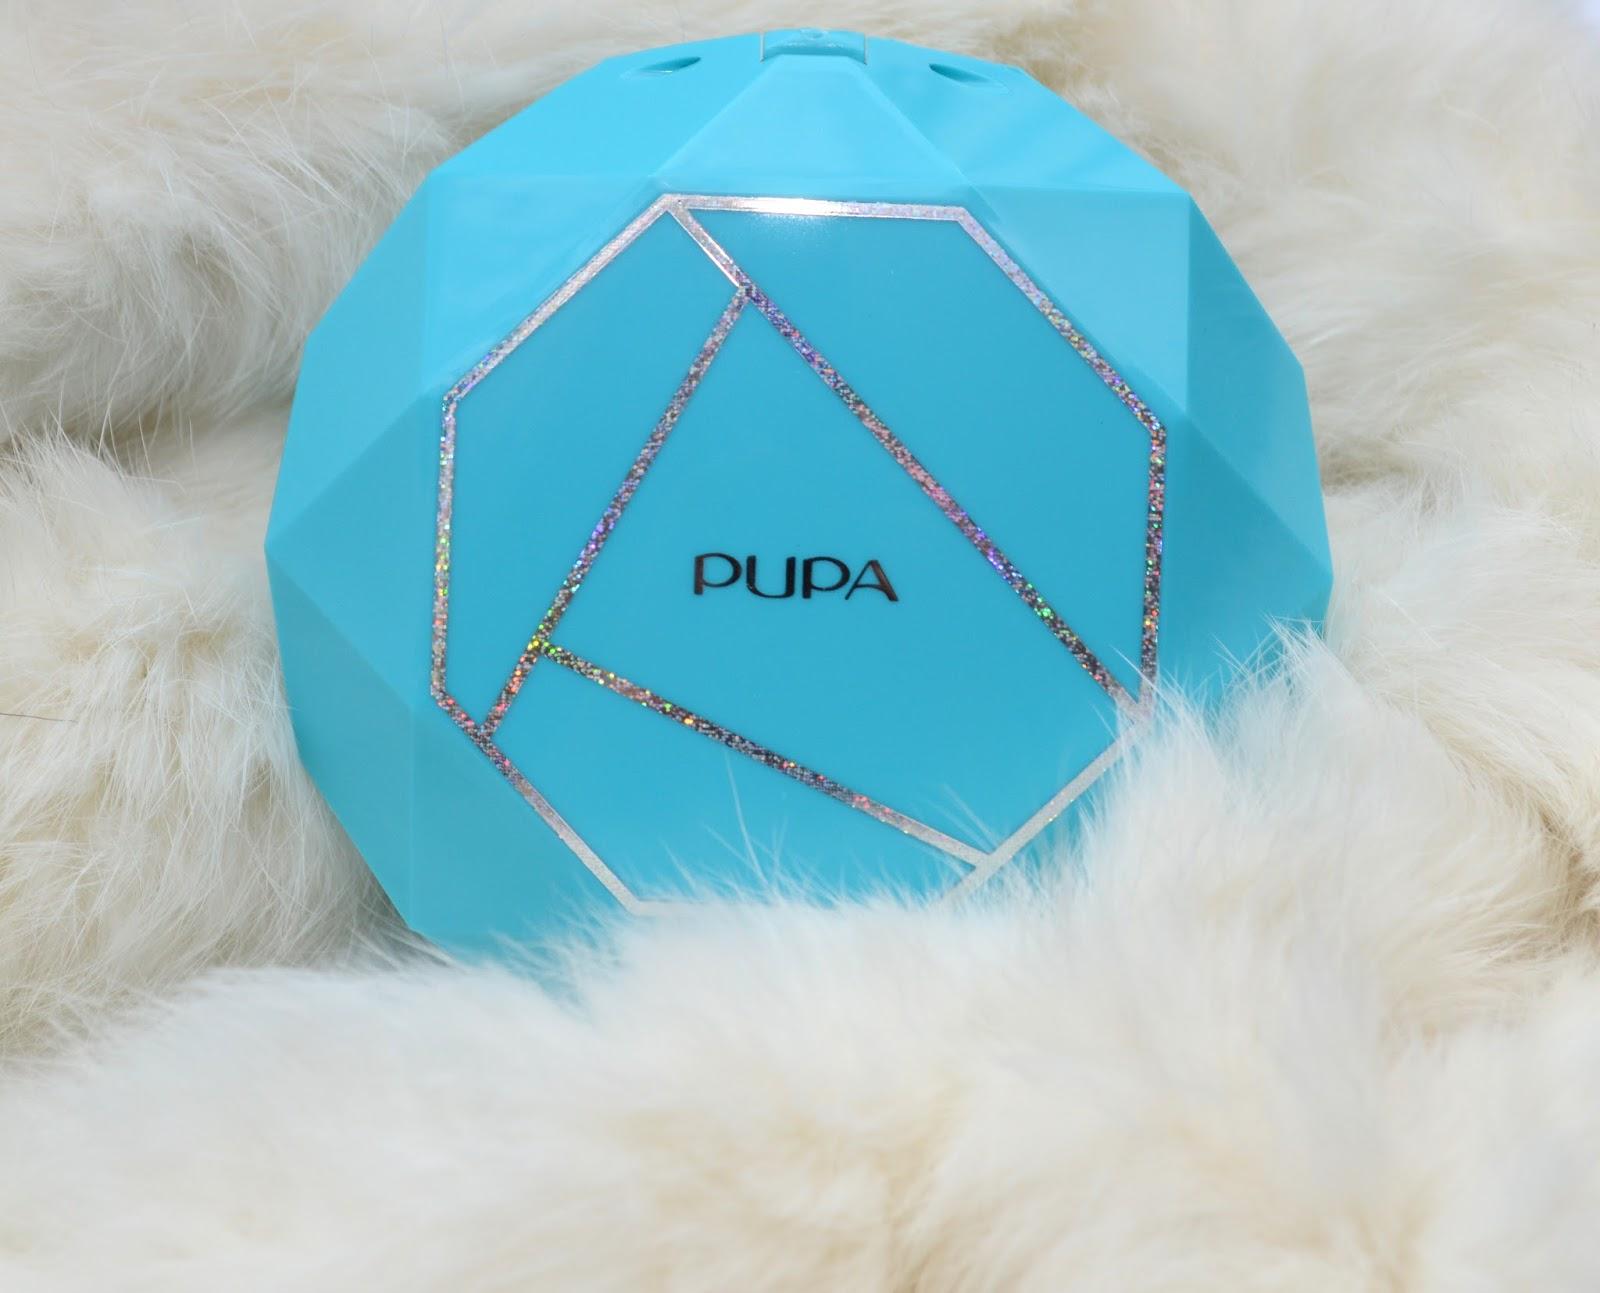 Veraanda beauty: Pupa Snow Queen collection